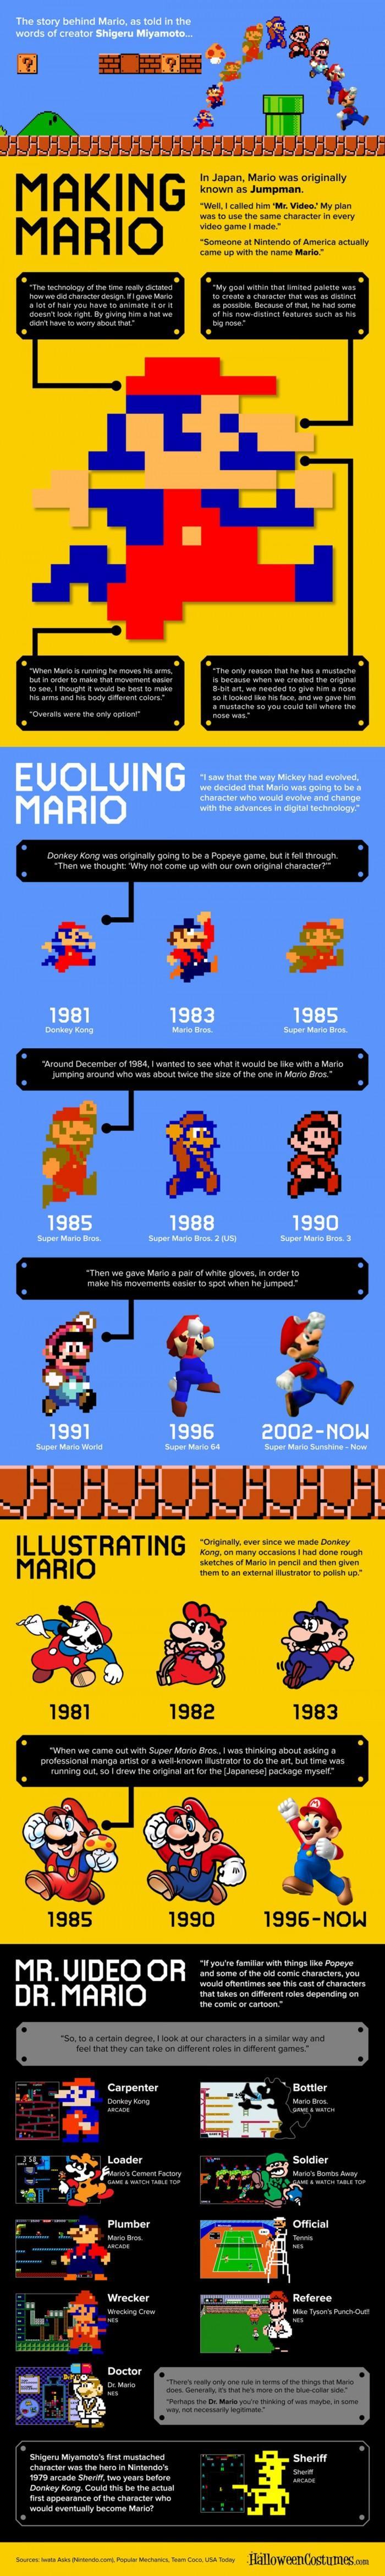 Making Mario